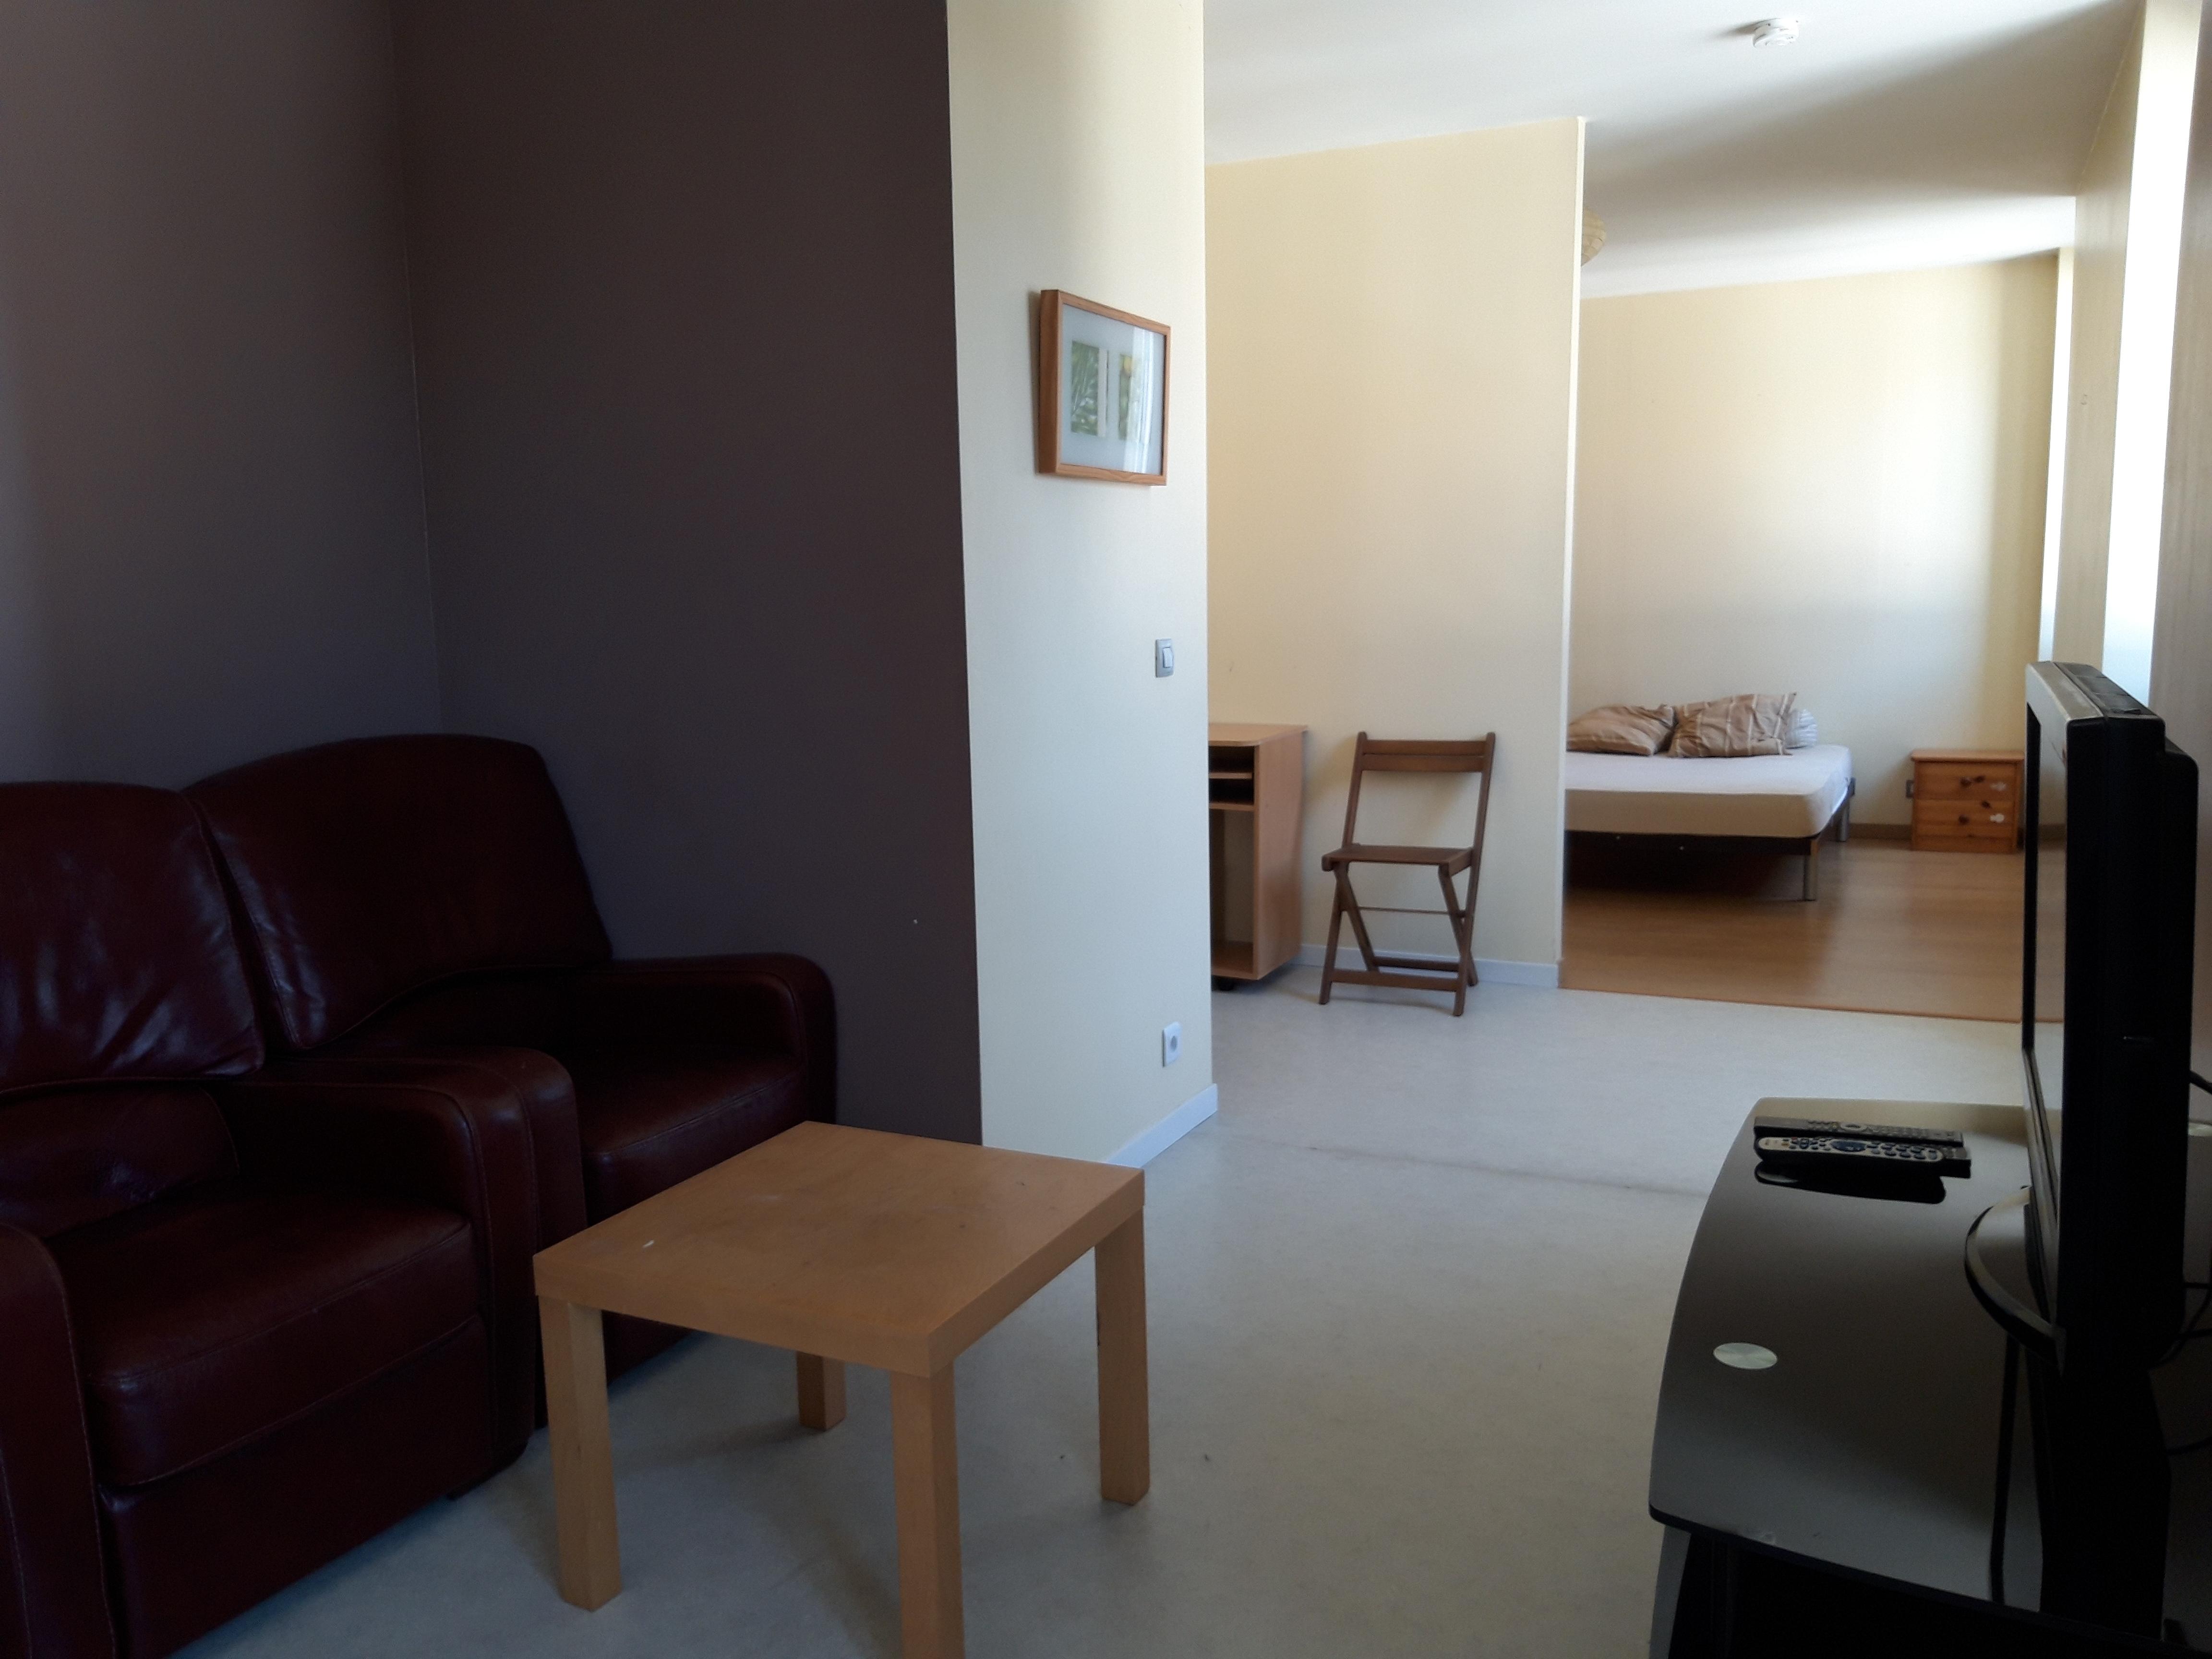 Appartement T2 meublé à vendre à FIGEAC